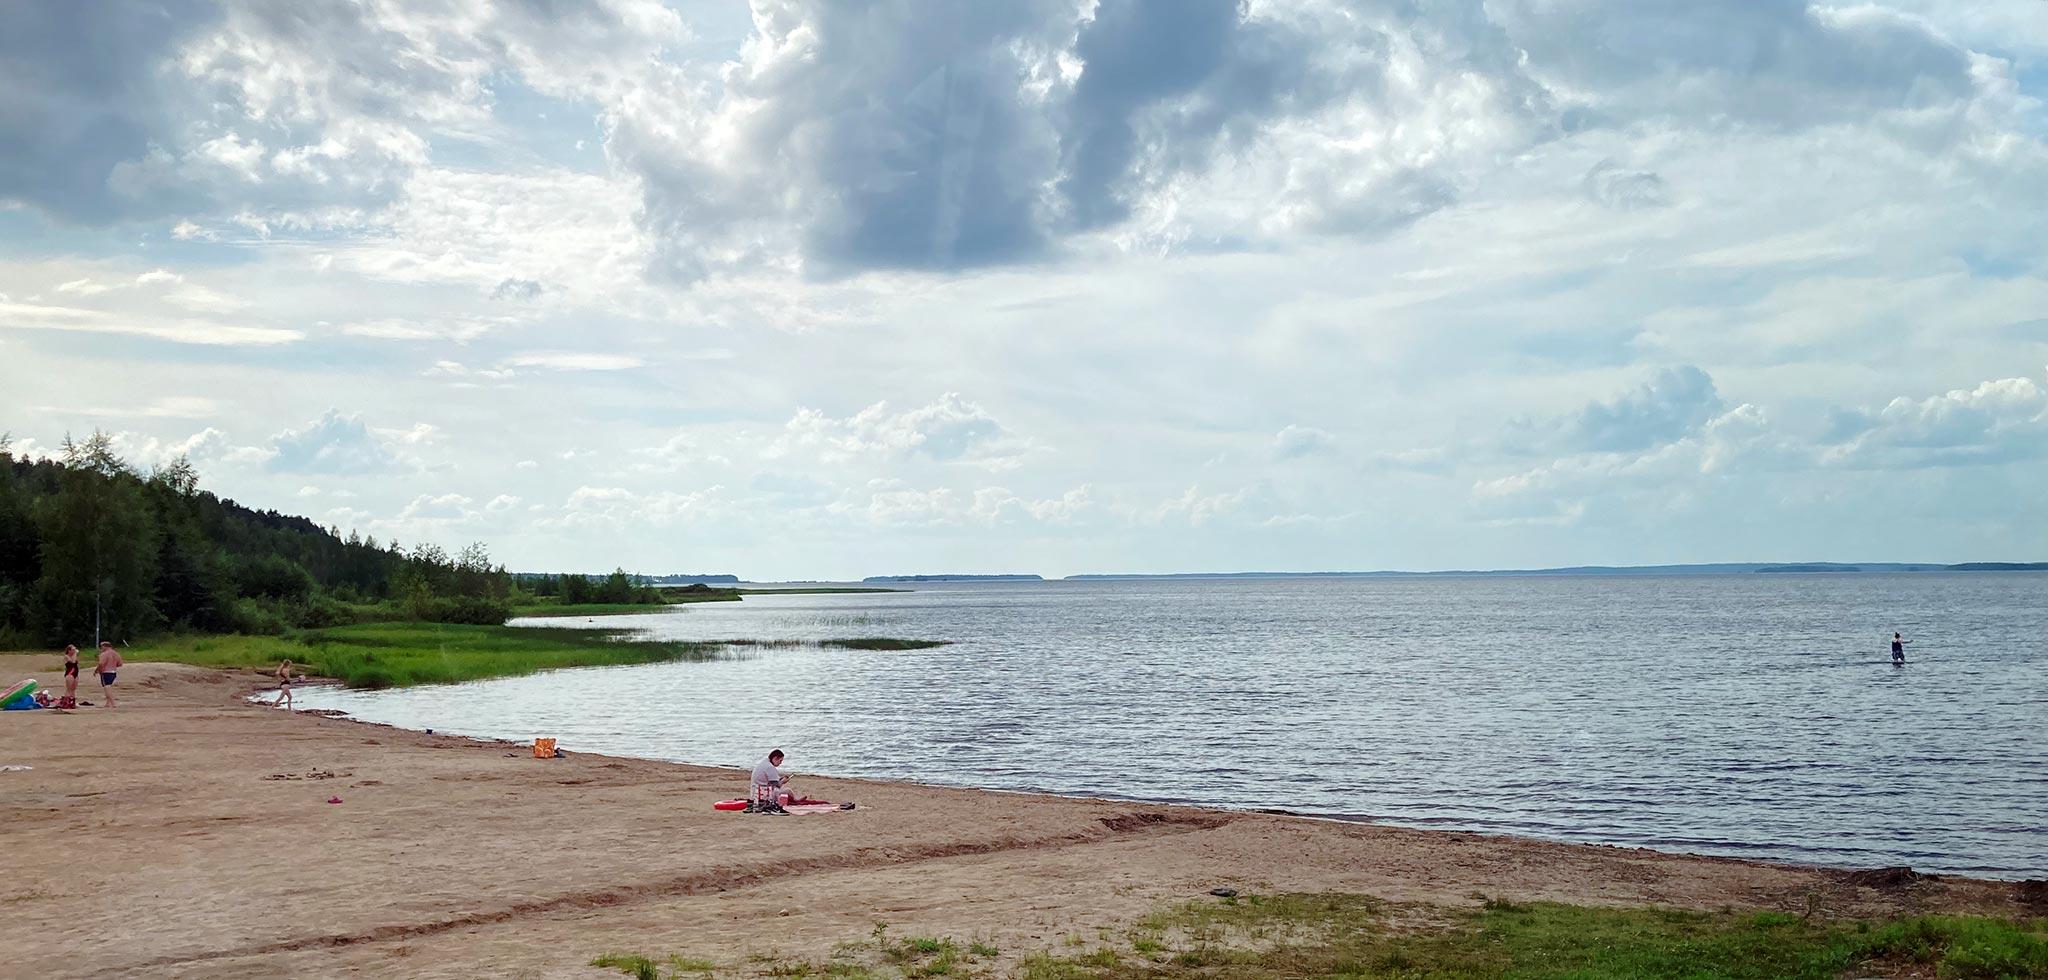 Oulujärvi, Kajaani © Eeva Simola